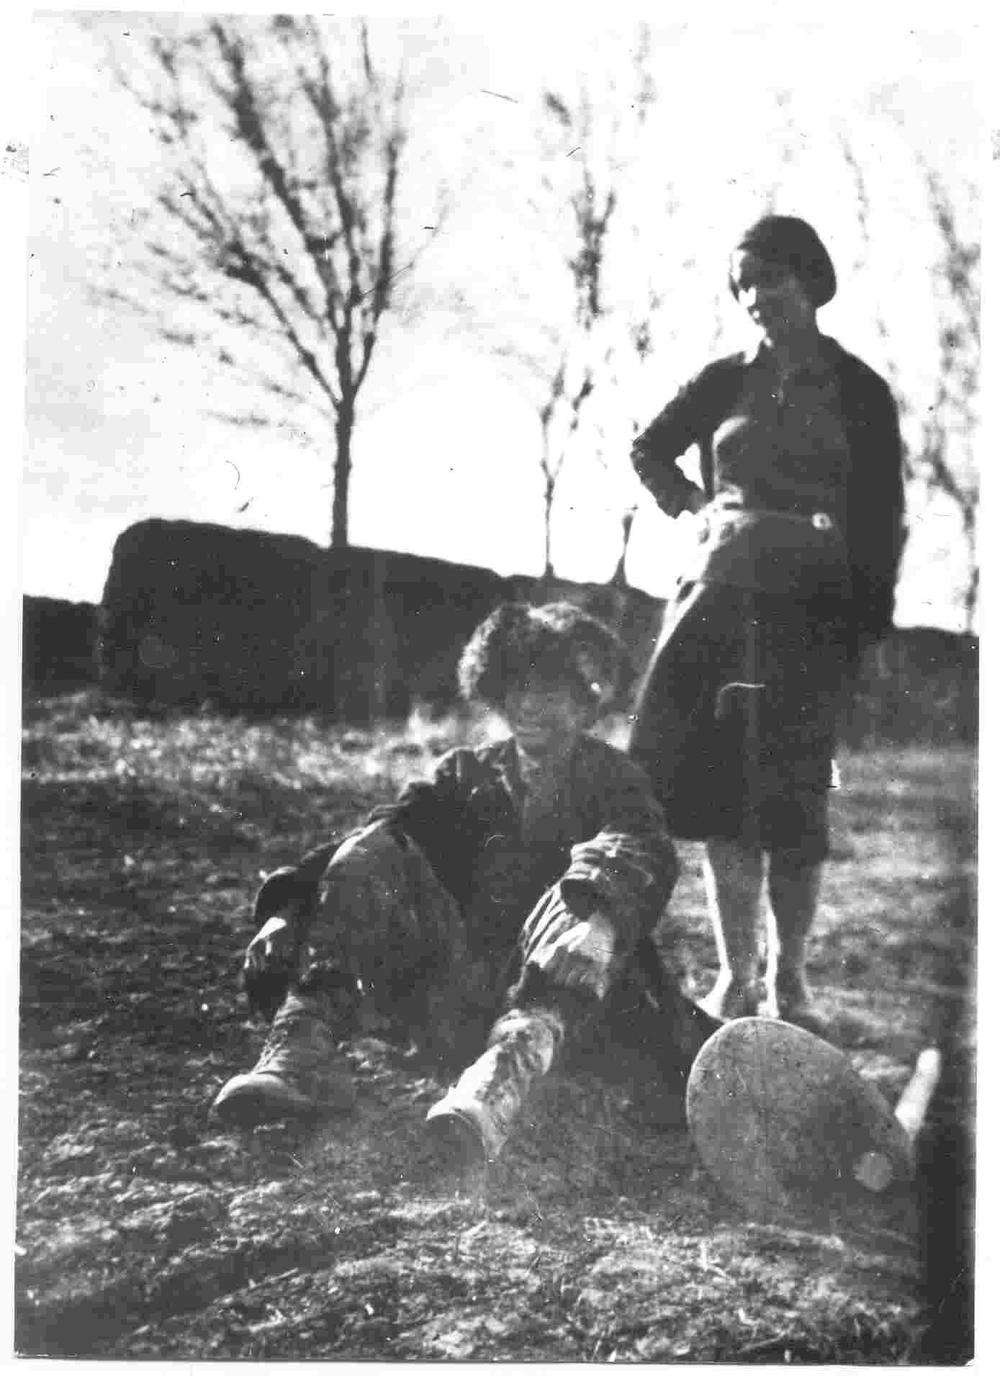 Аштан өлер алдындағы қазаққа көмек беруге тырысқан Татьяна Невадовская. Қазақстан, 1933 жыл